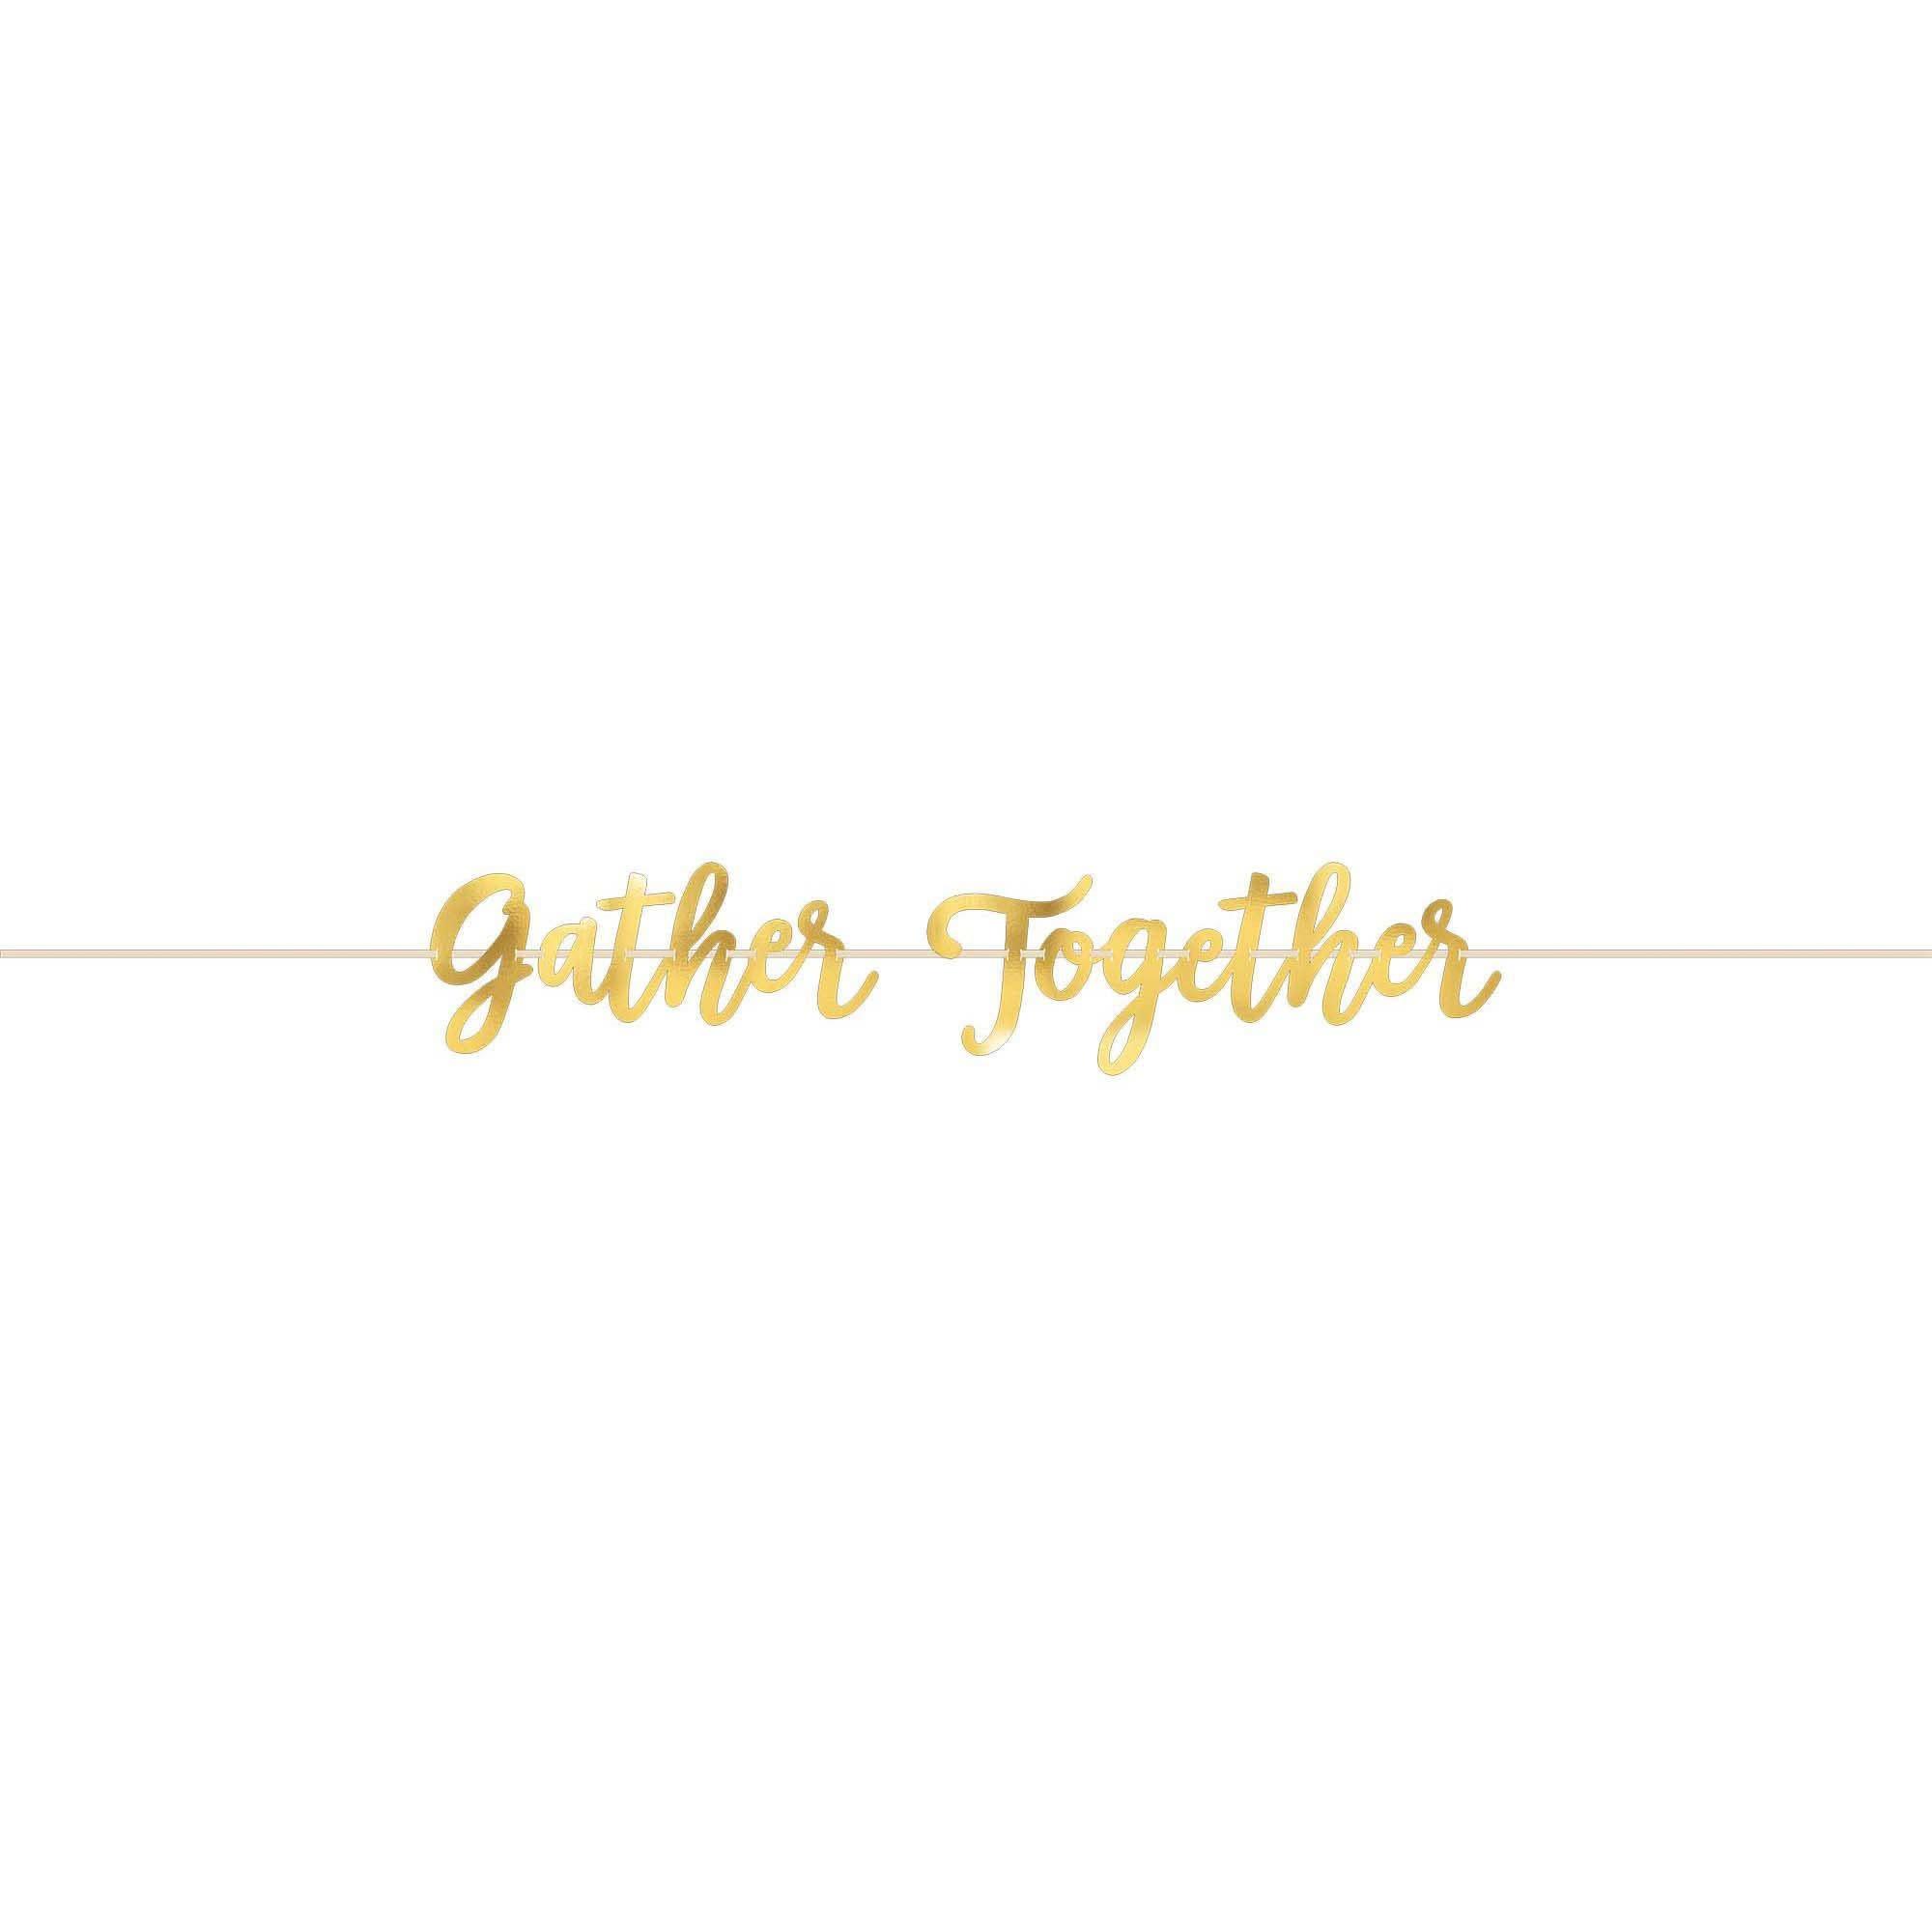 Gather Together Foil Banner